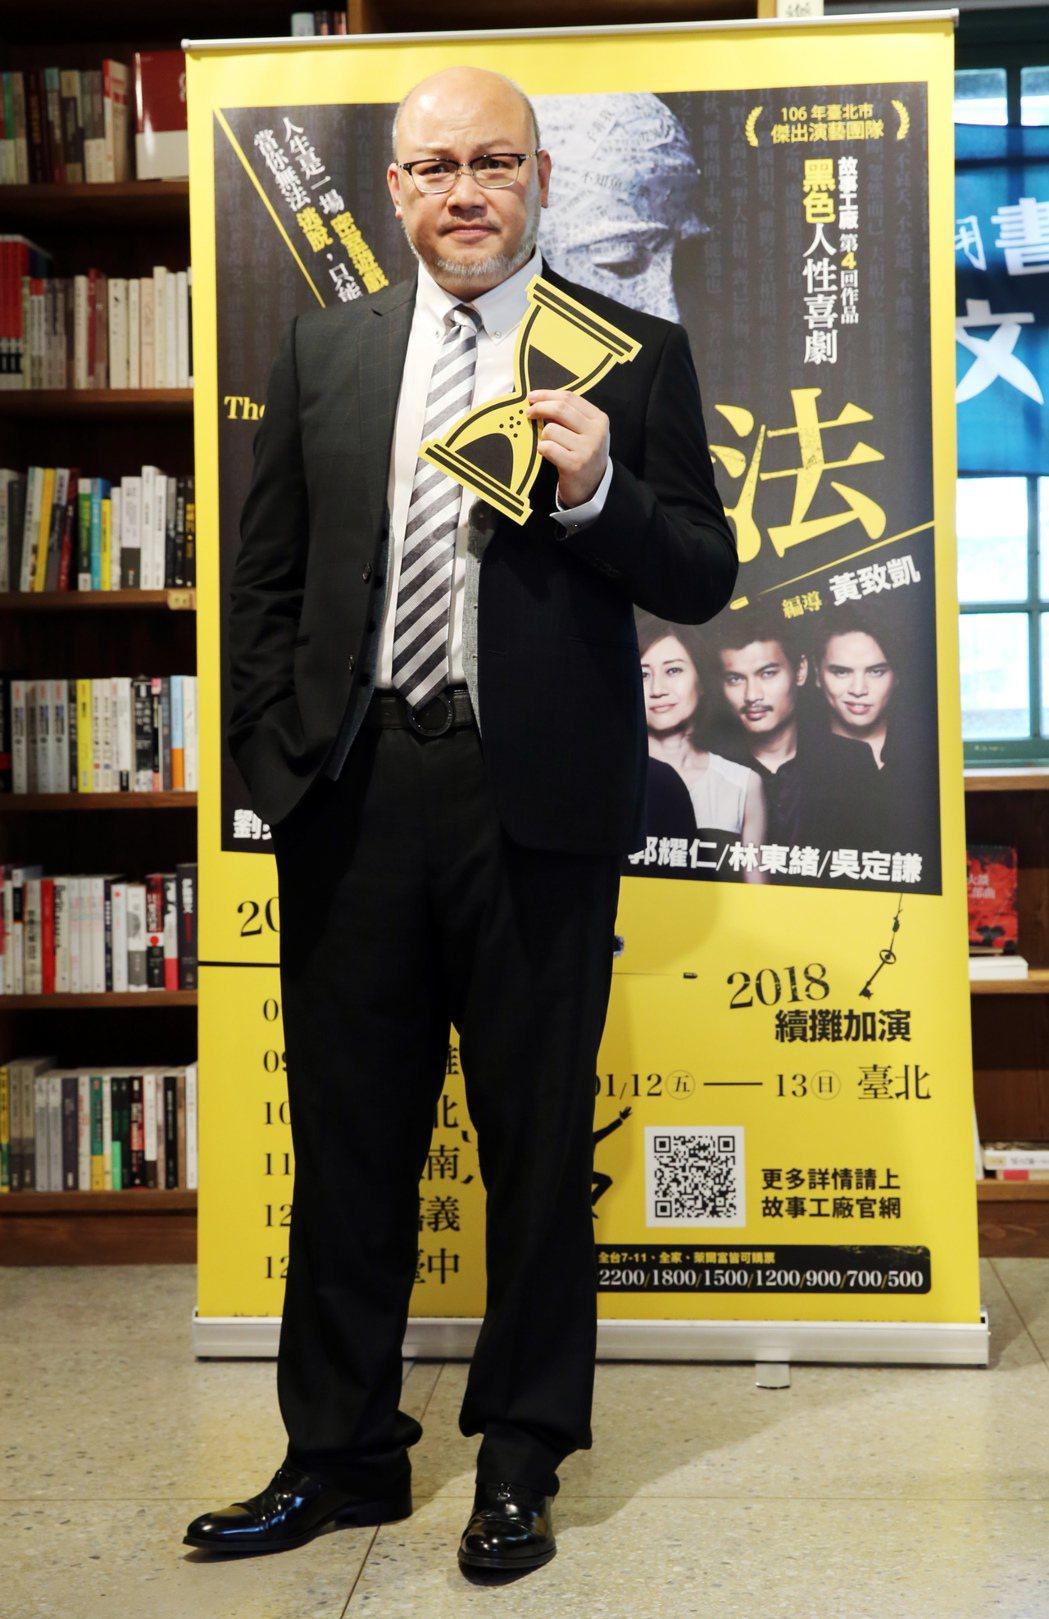 劉亮佐昨天出席《莊子兵法》演出及加演開賣記者會。記者徐兆玄/攝影